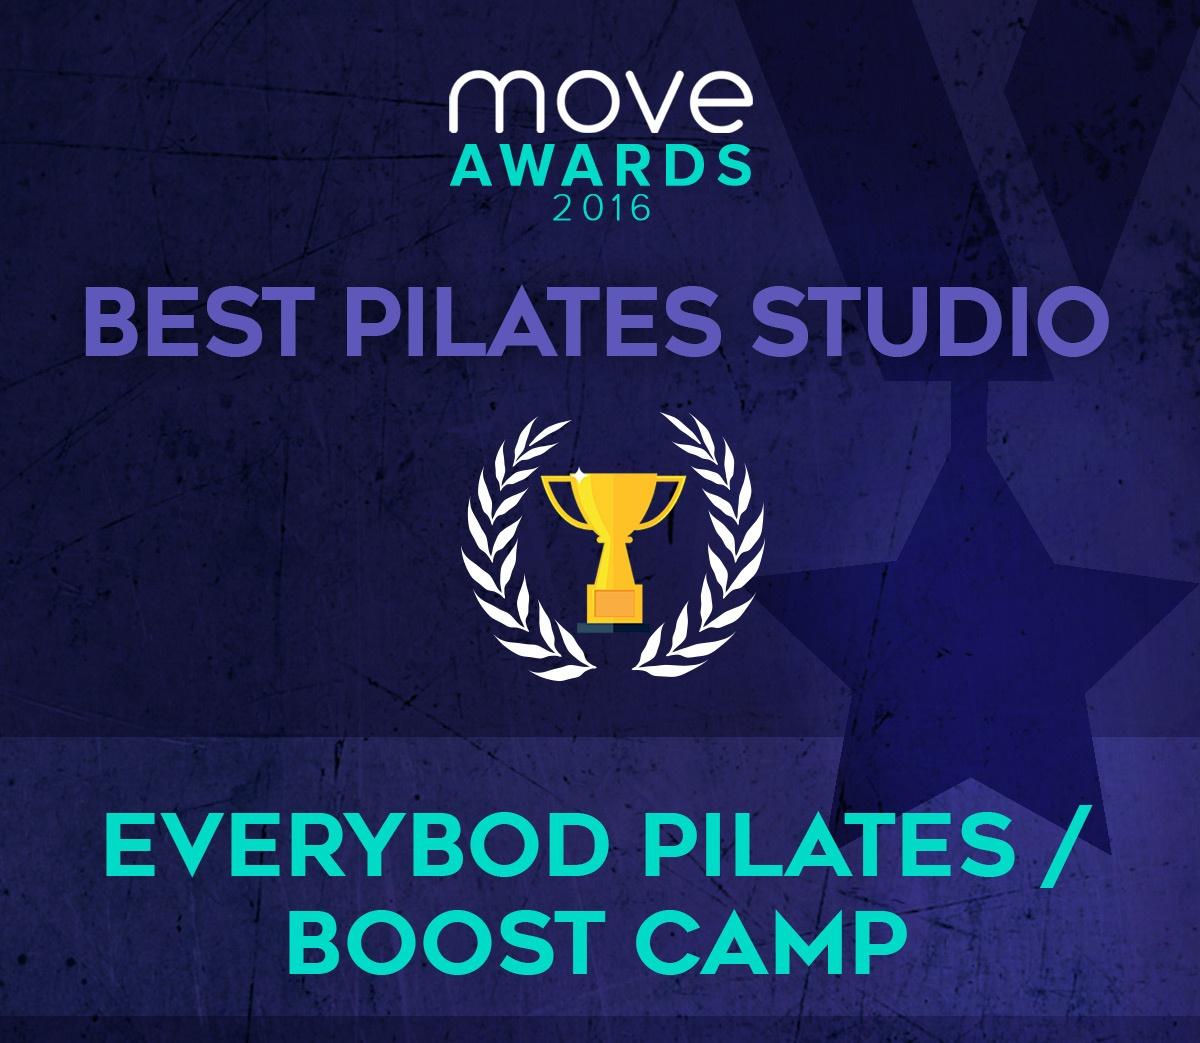 Best-Pilates-Studio-Leeds.jpg